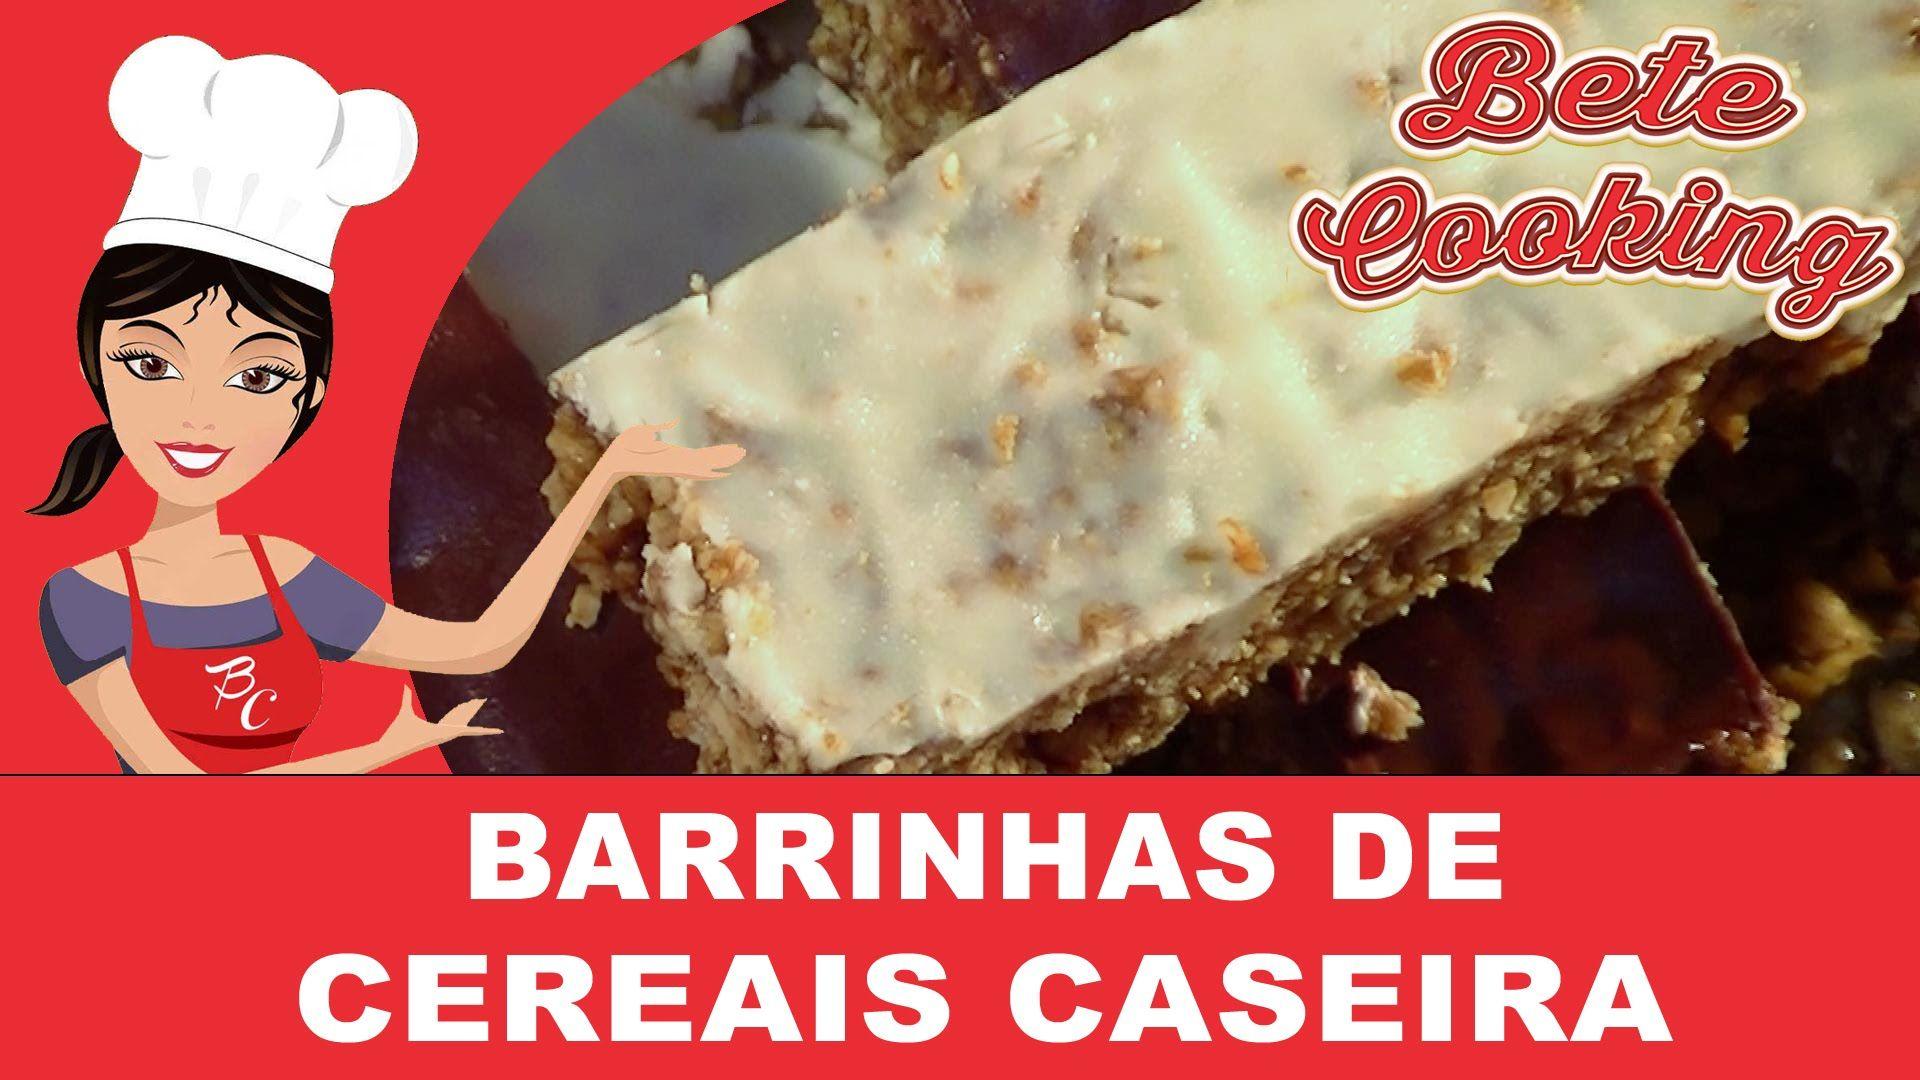 Barrinhas de Cereais Caseira | Bete Cooking #15